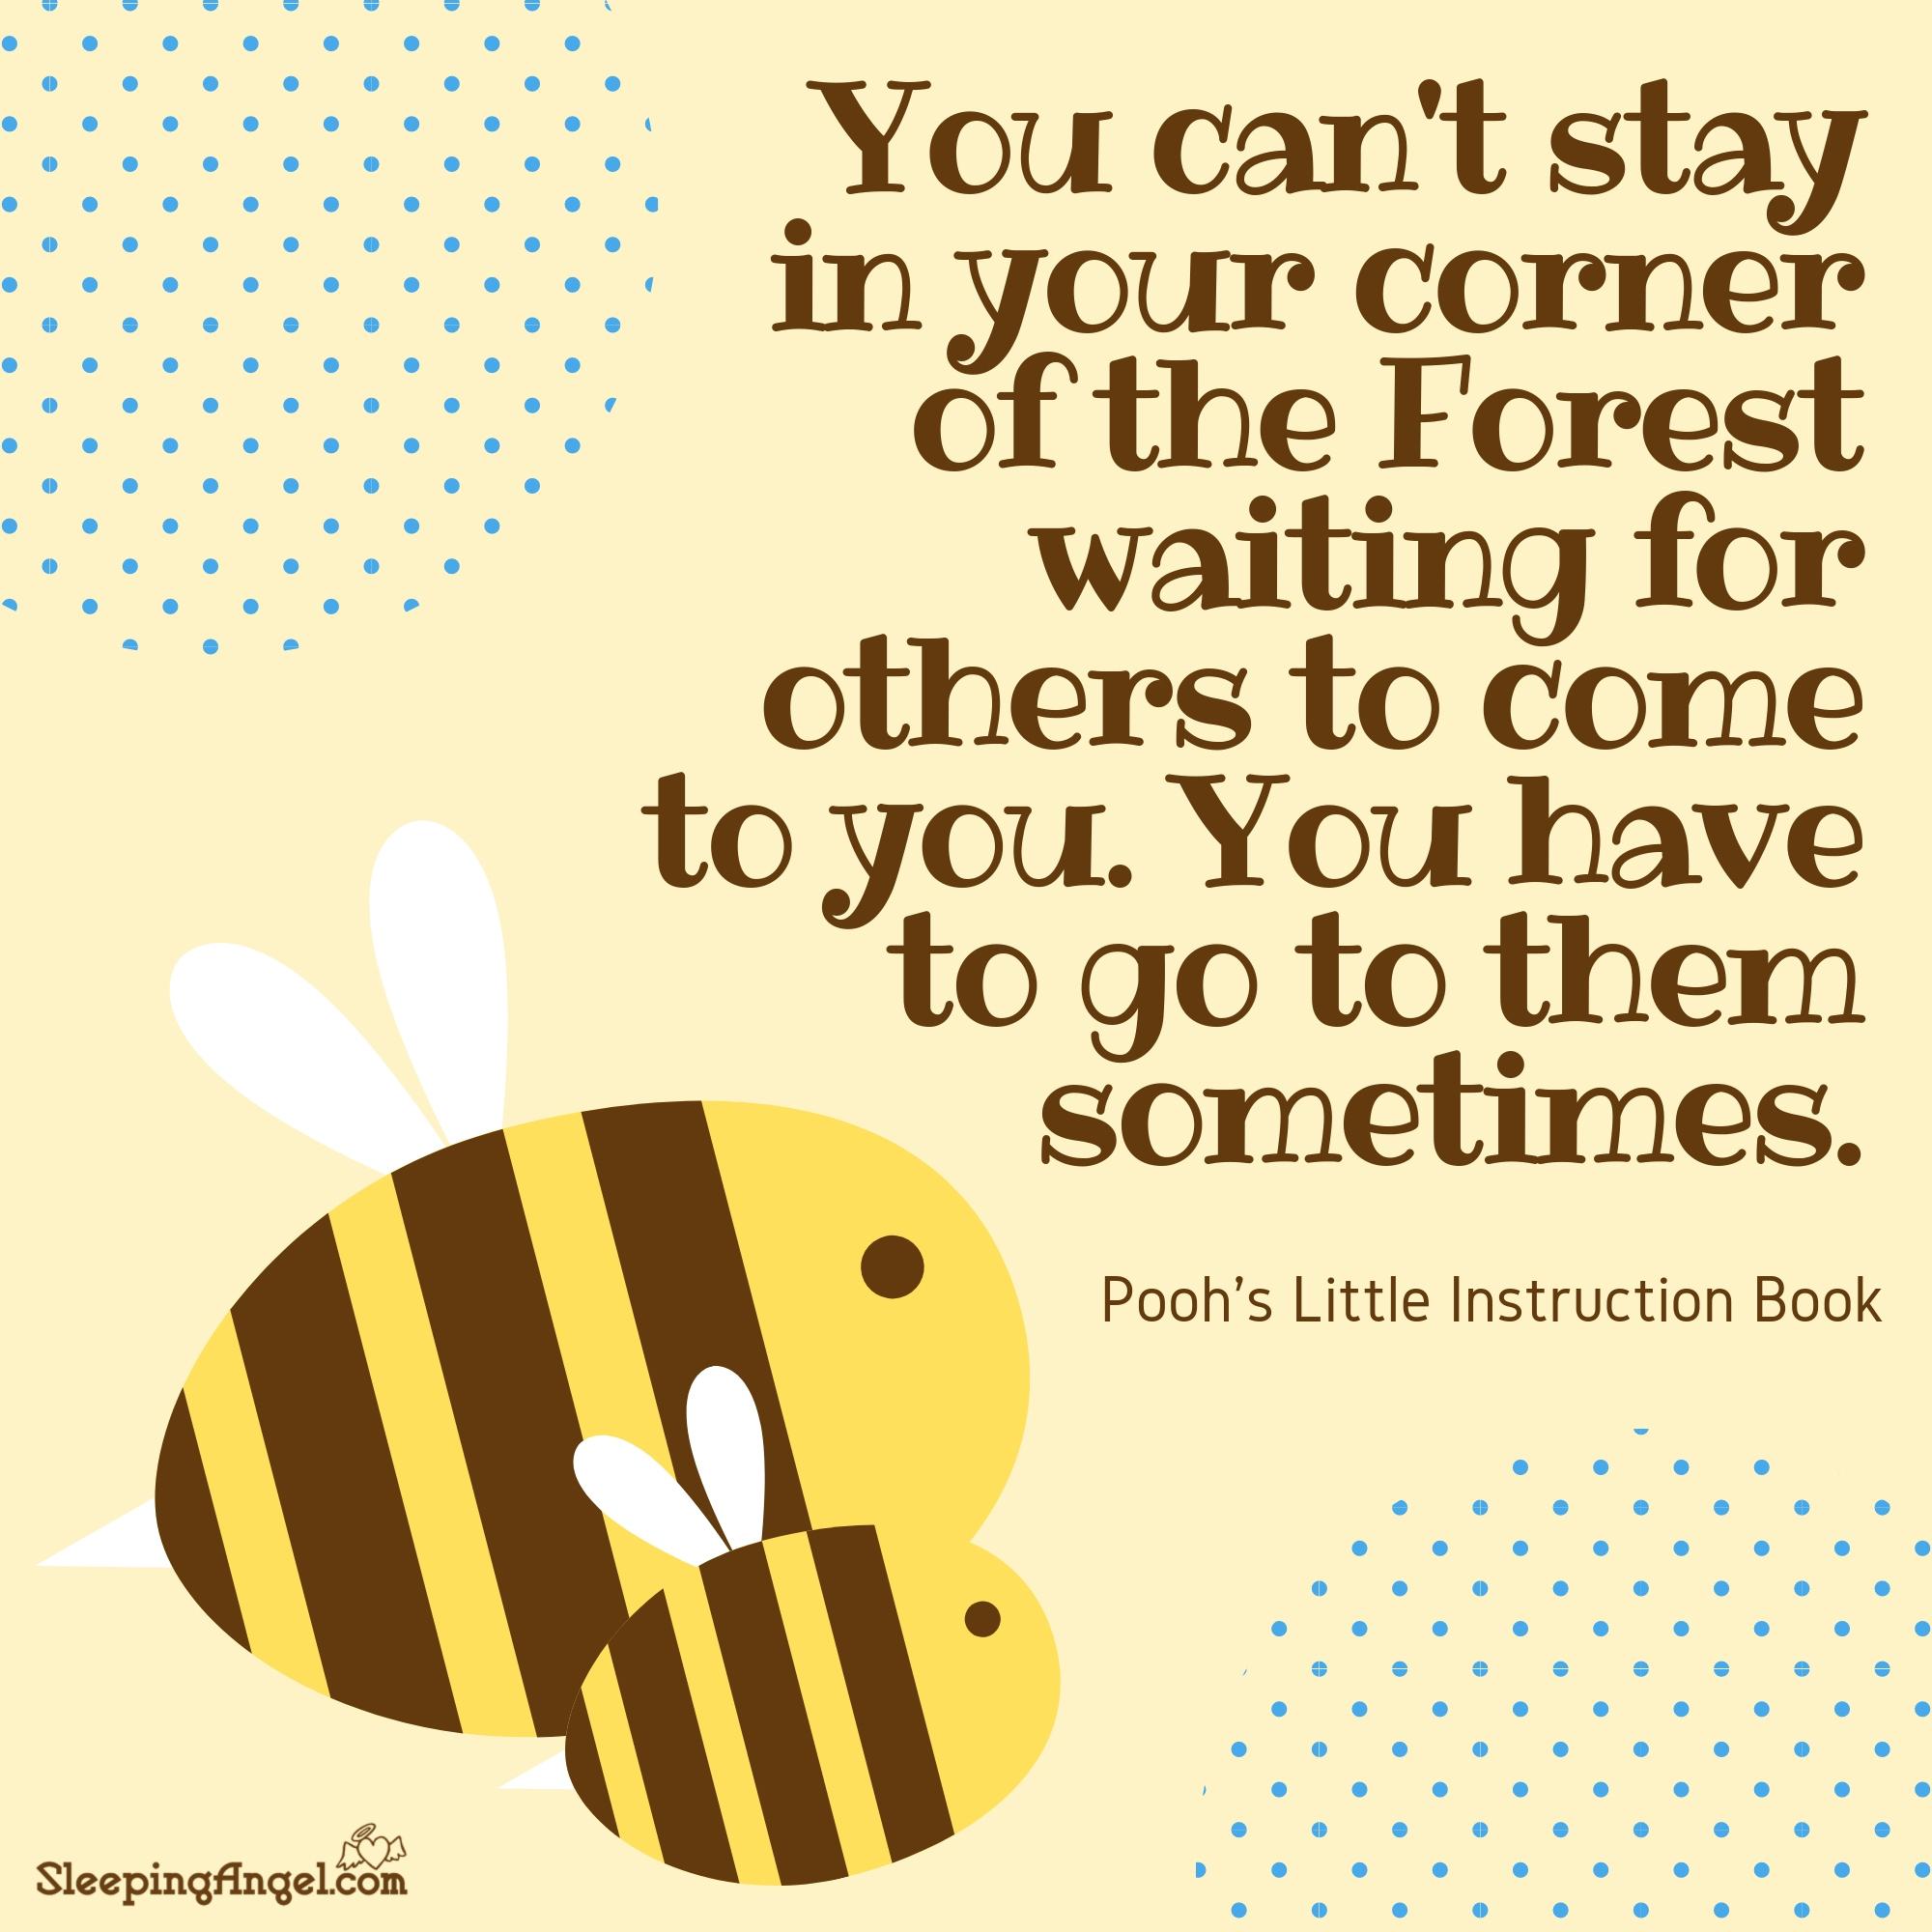 Pooh's Quote